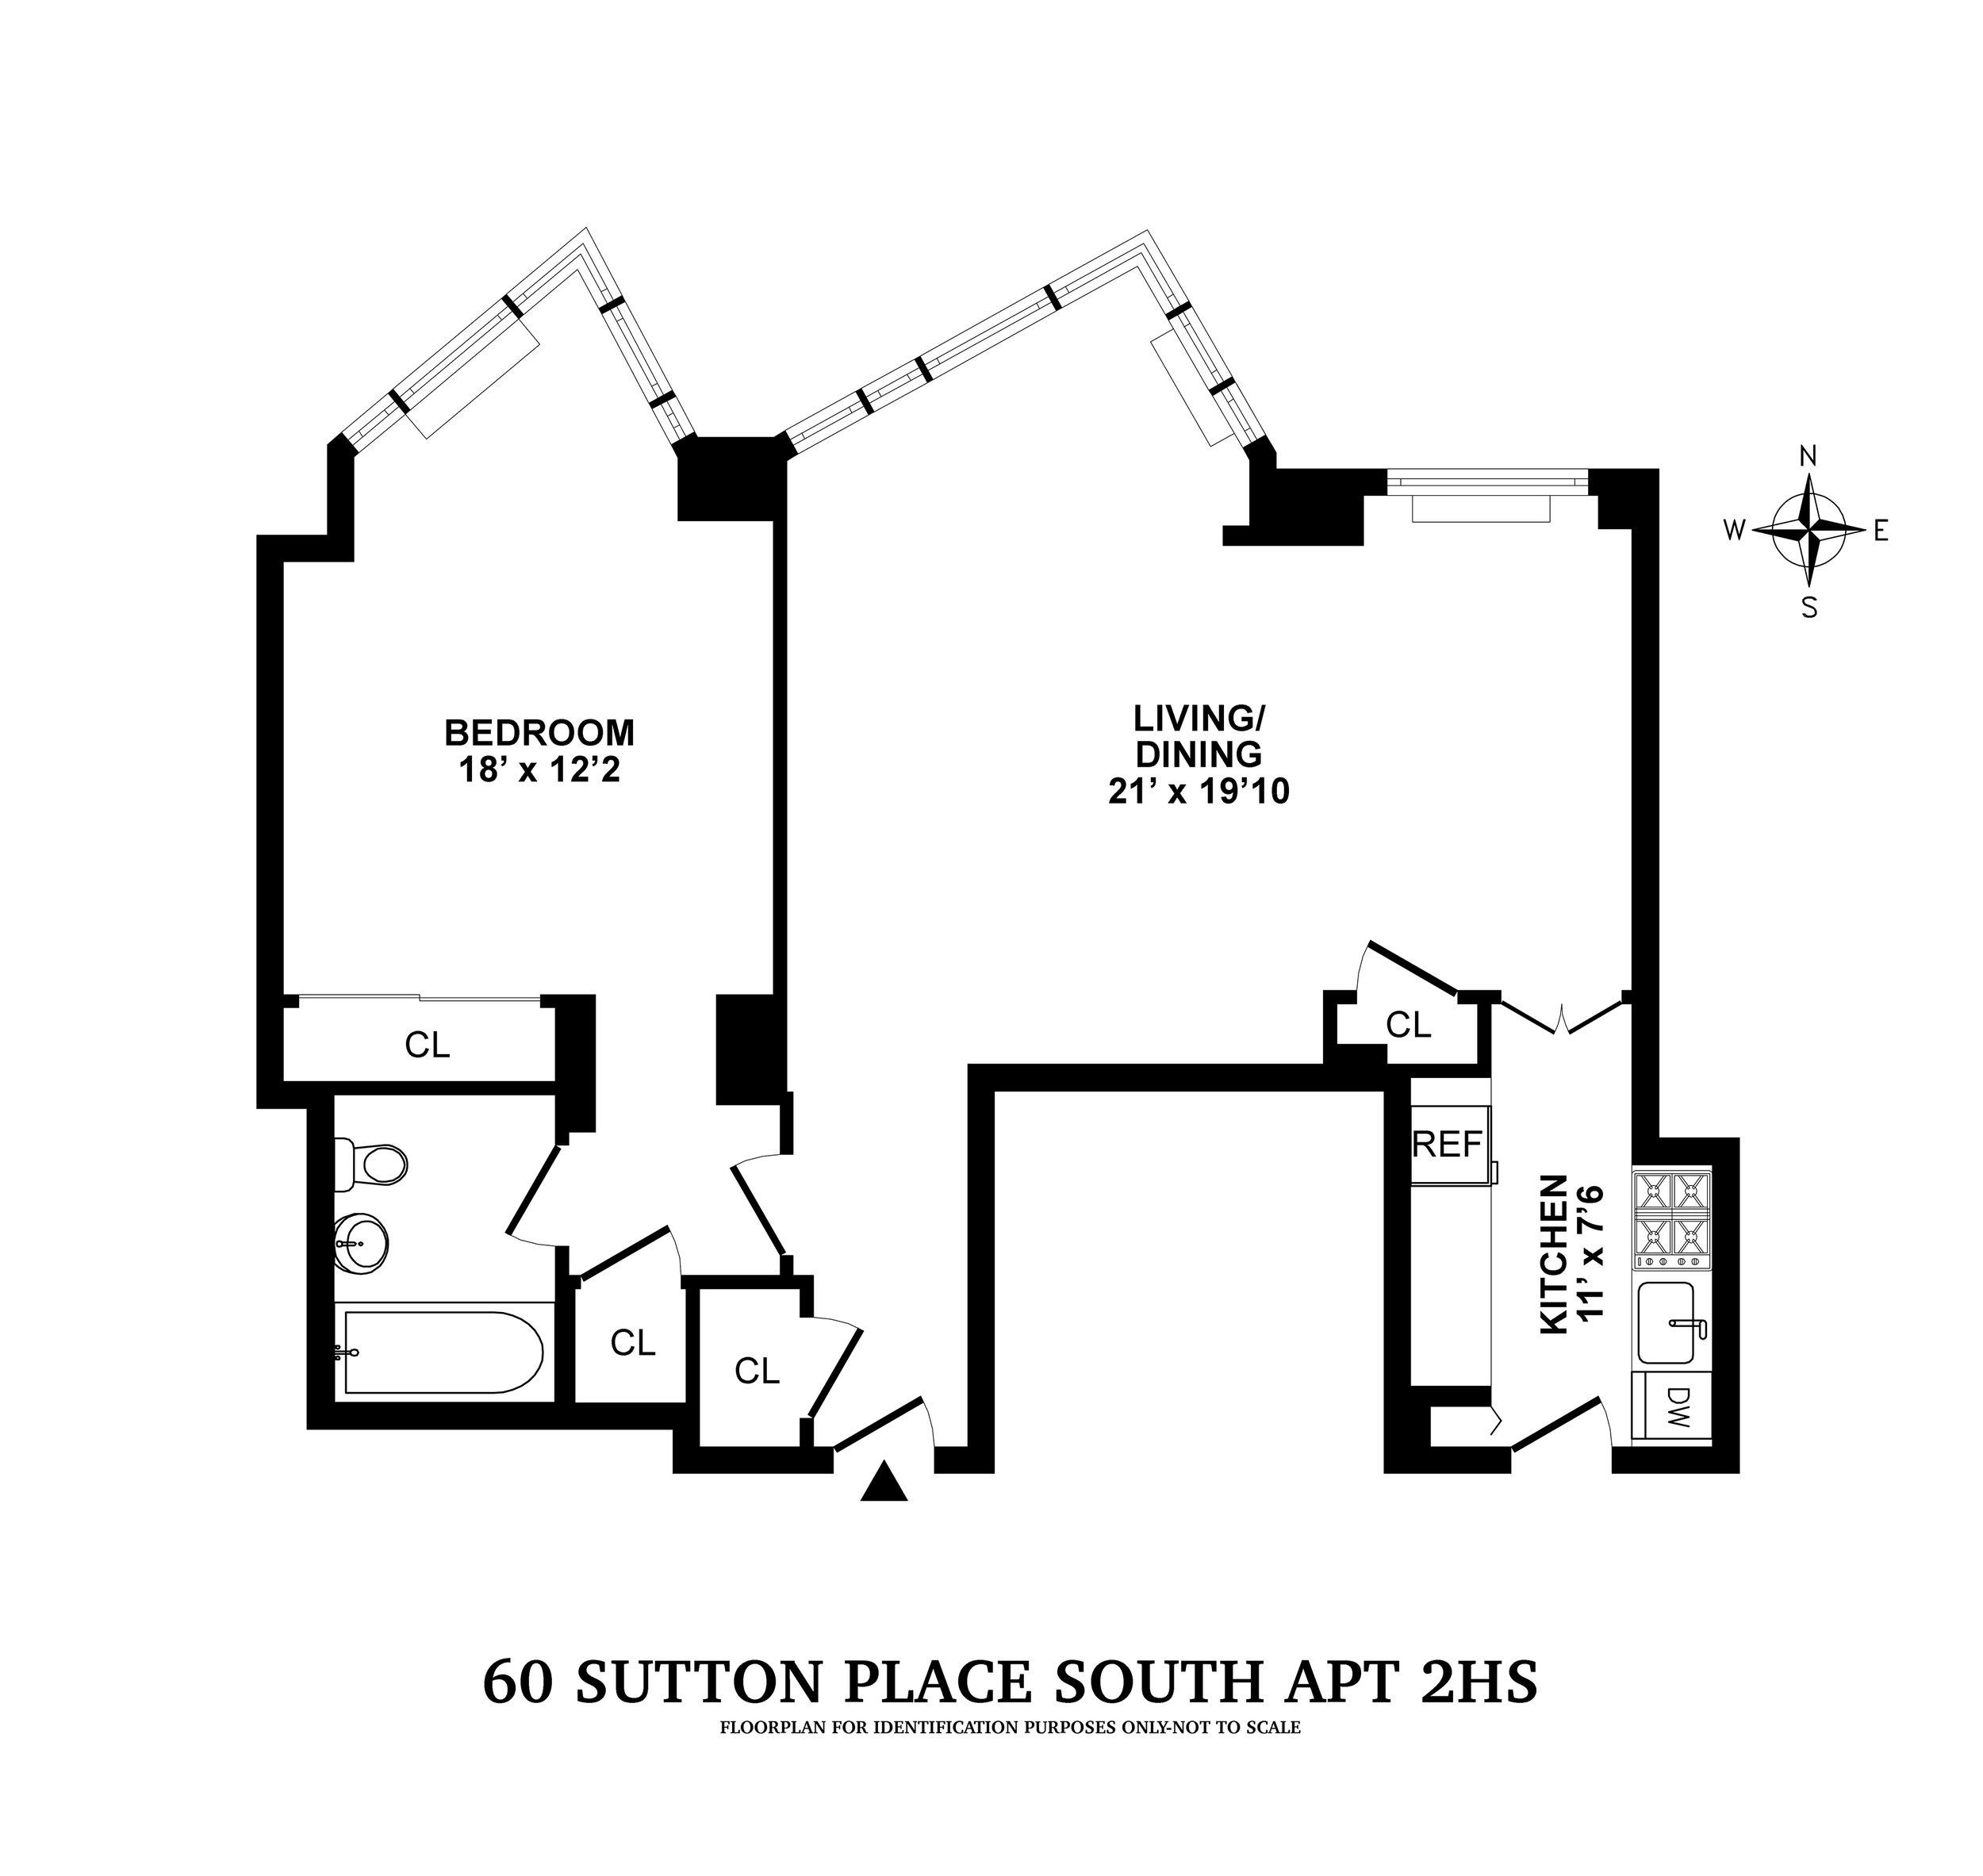 60 Sutton Place South #2HS-GPFP 2.jpg